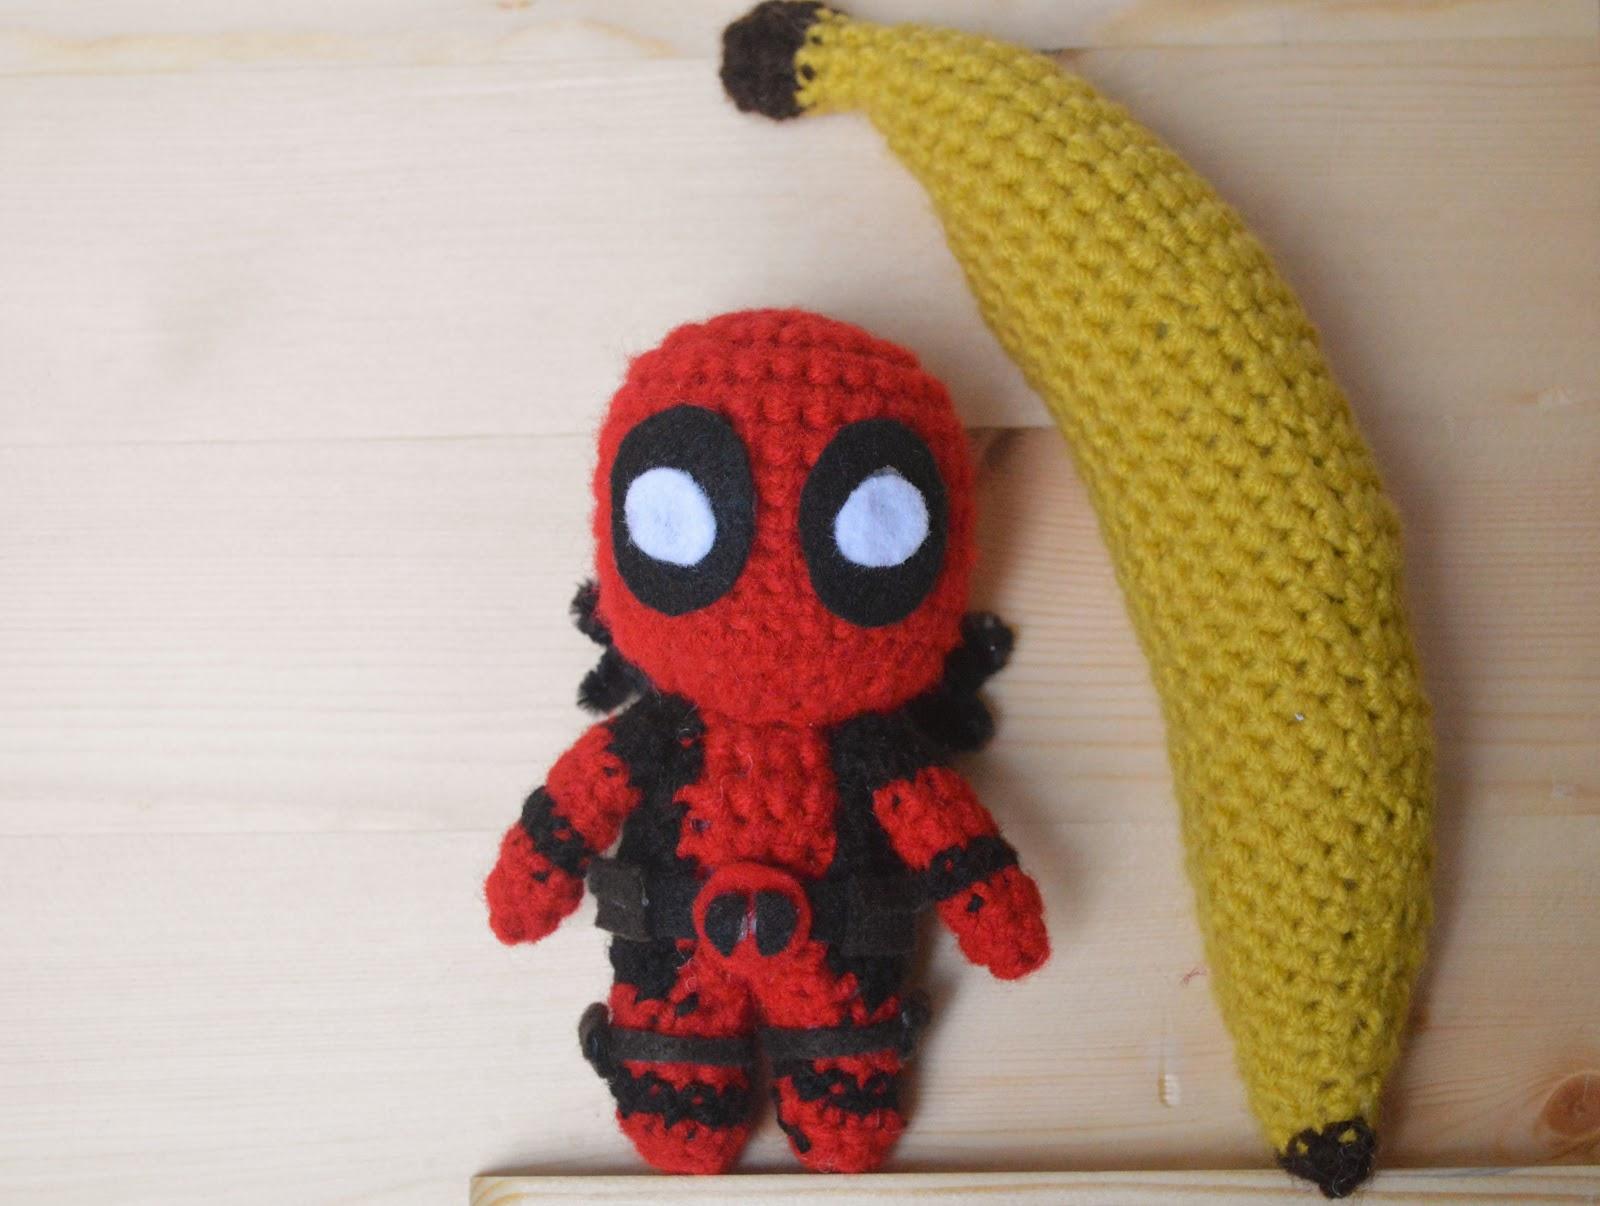 Deadpool Knitting Pattern : Deadpool Crochet Pattern - LoopTeeLoops